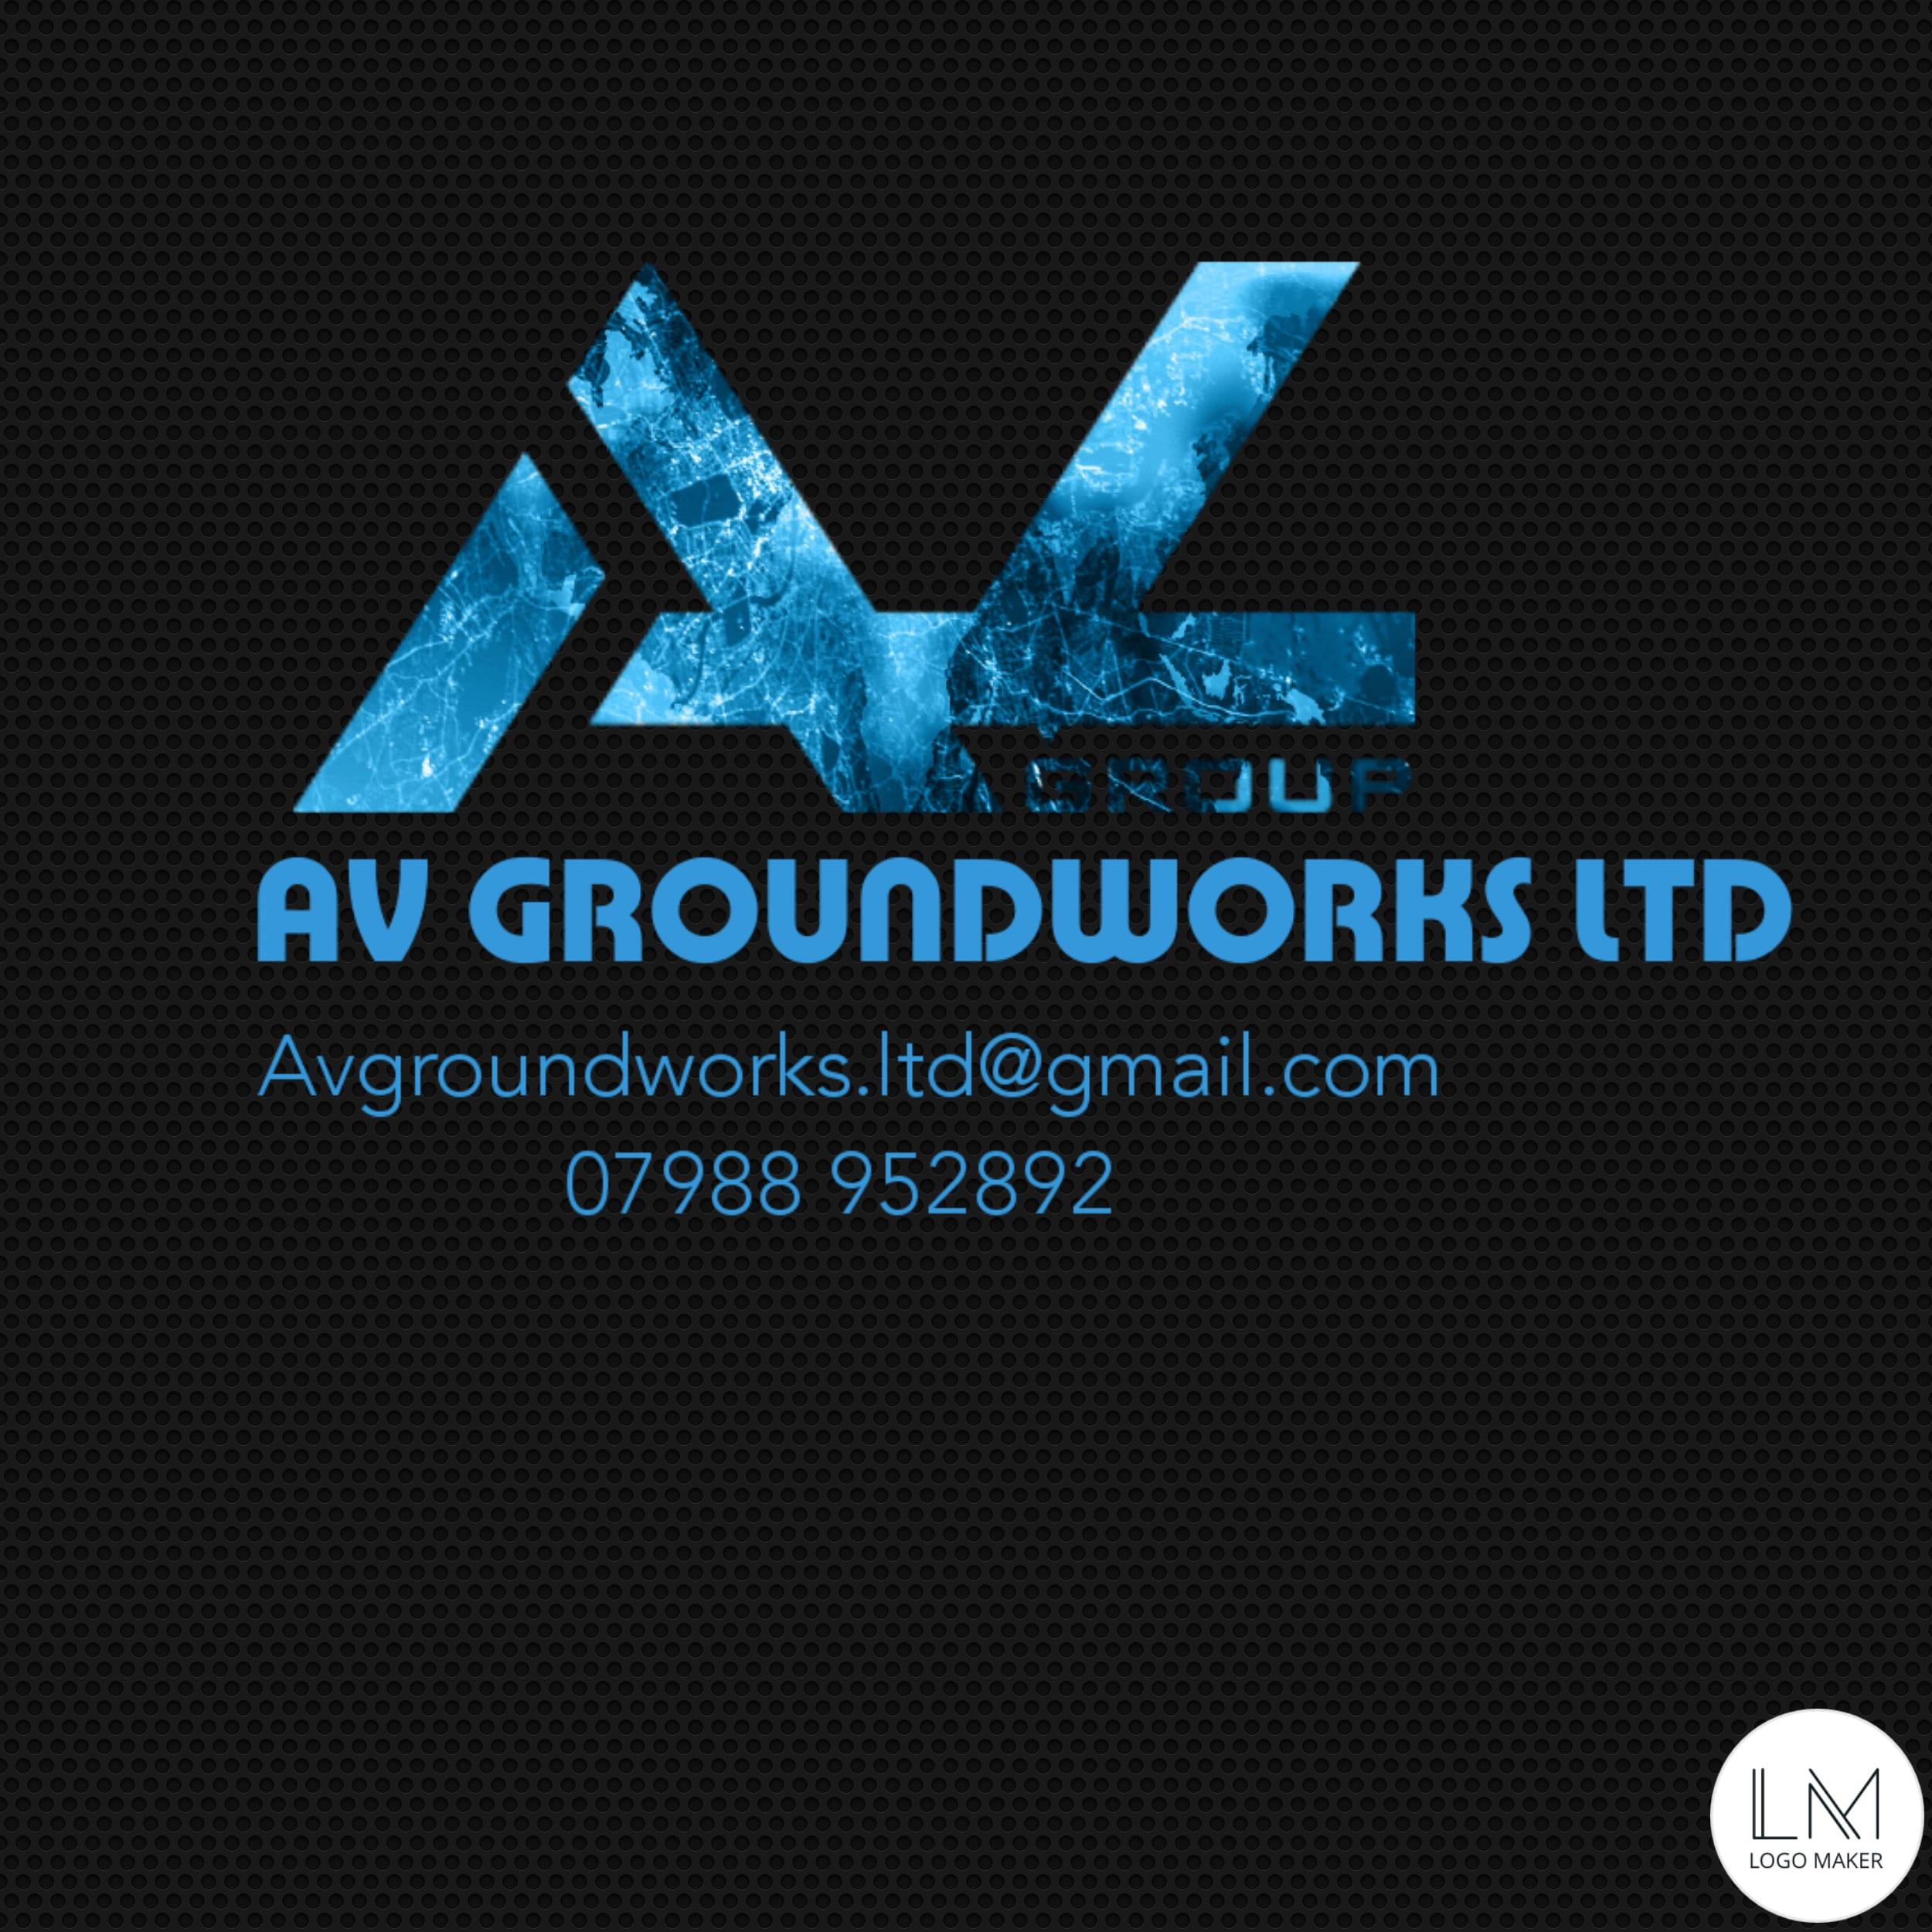 AV Groundworks LTD